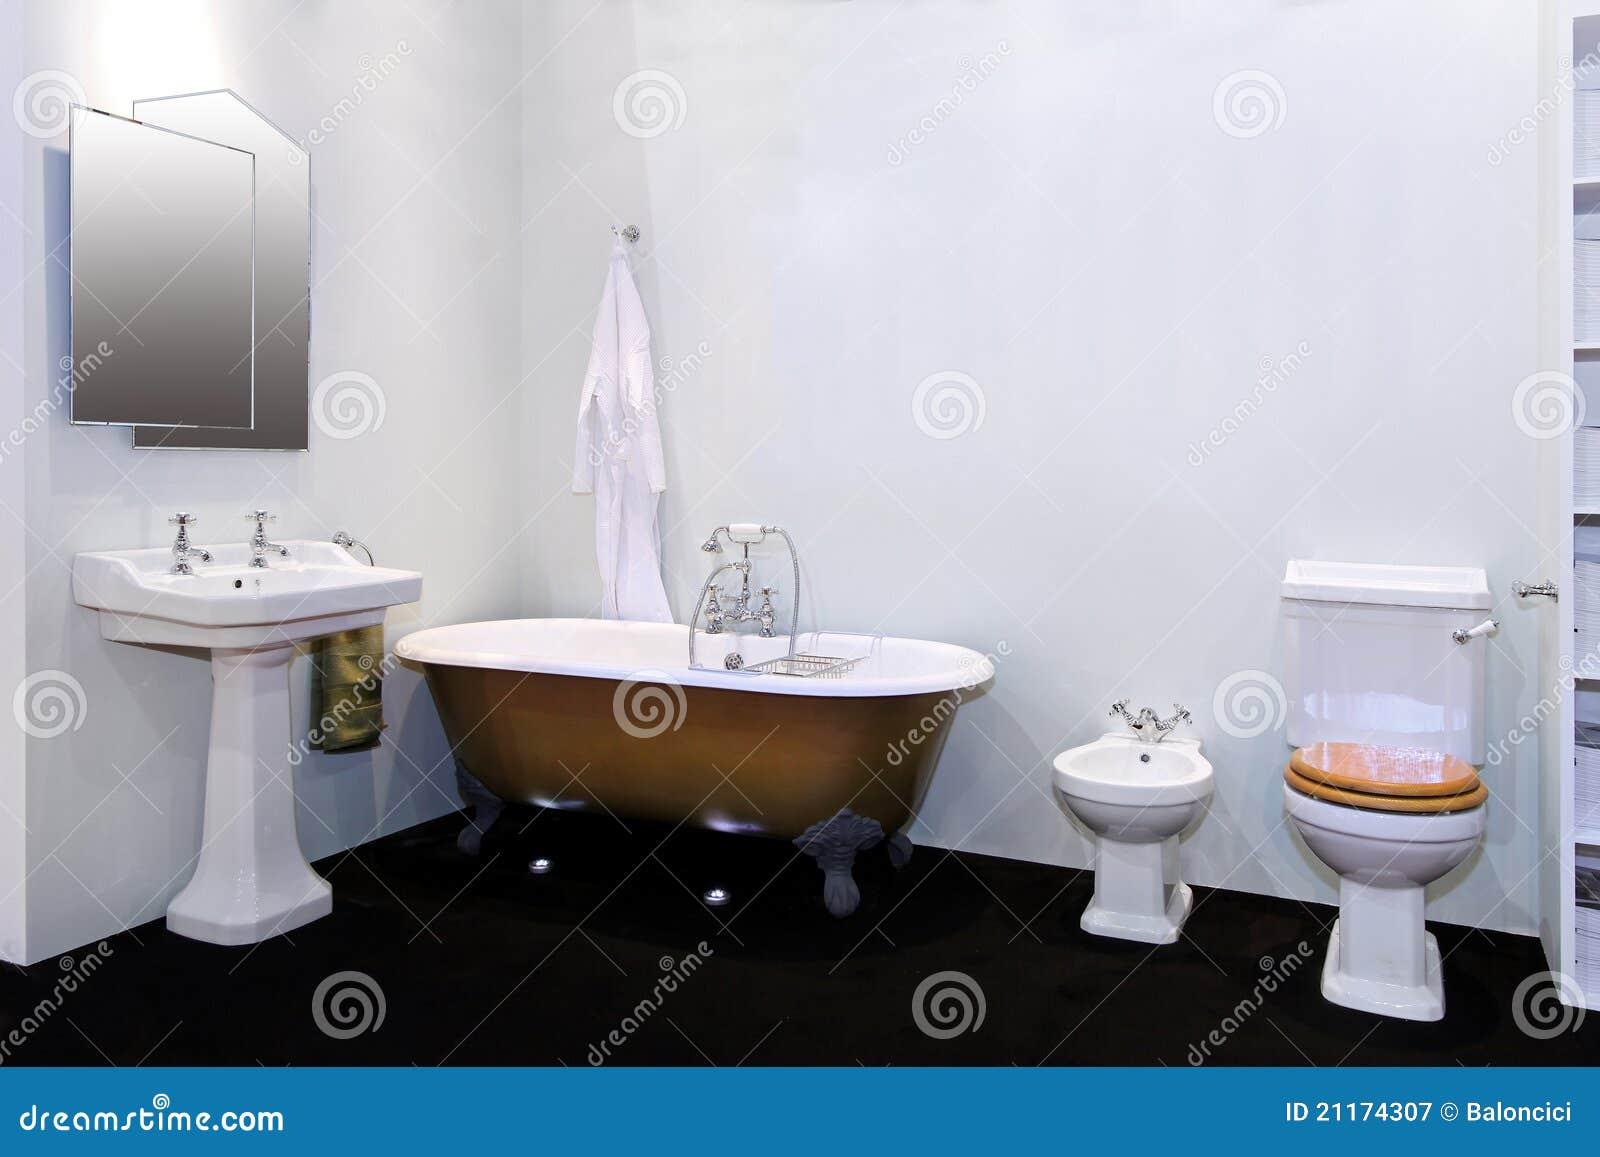 Vasca Da Bagno Retro : Retro stanza da bagno immagine stock. immagine di domestico 21174307